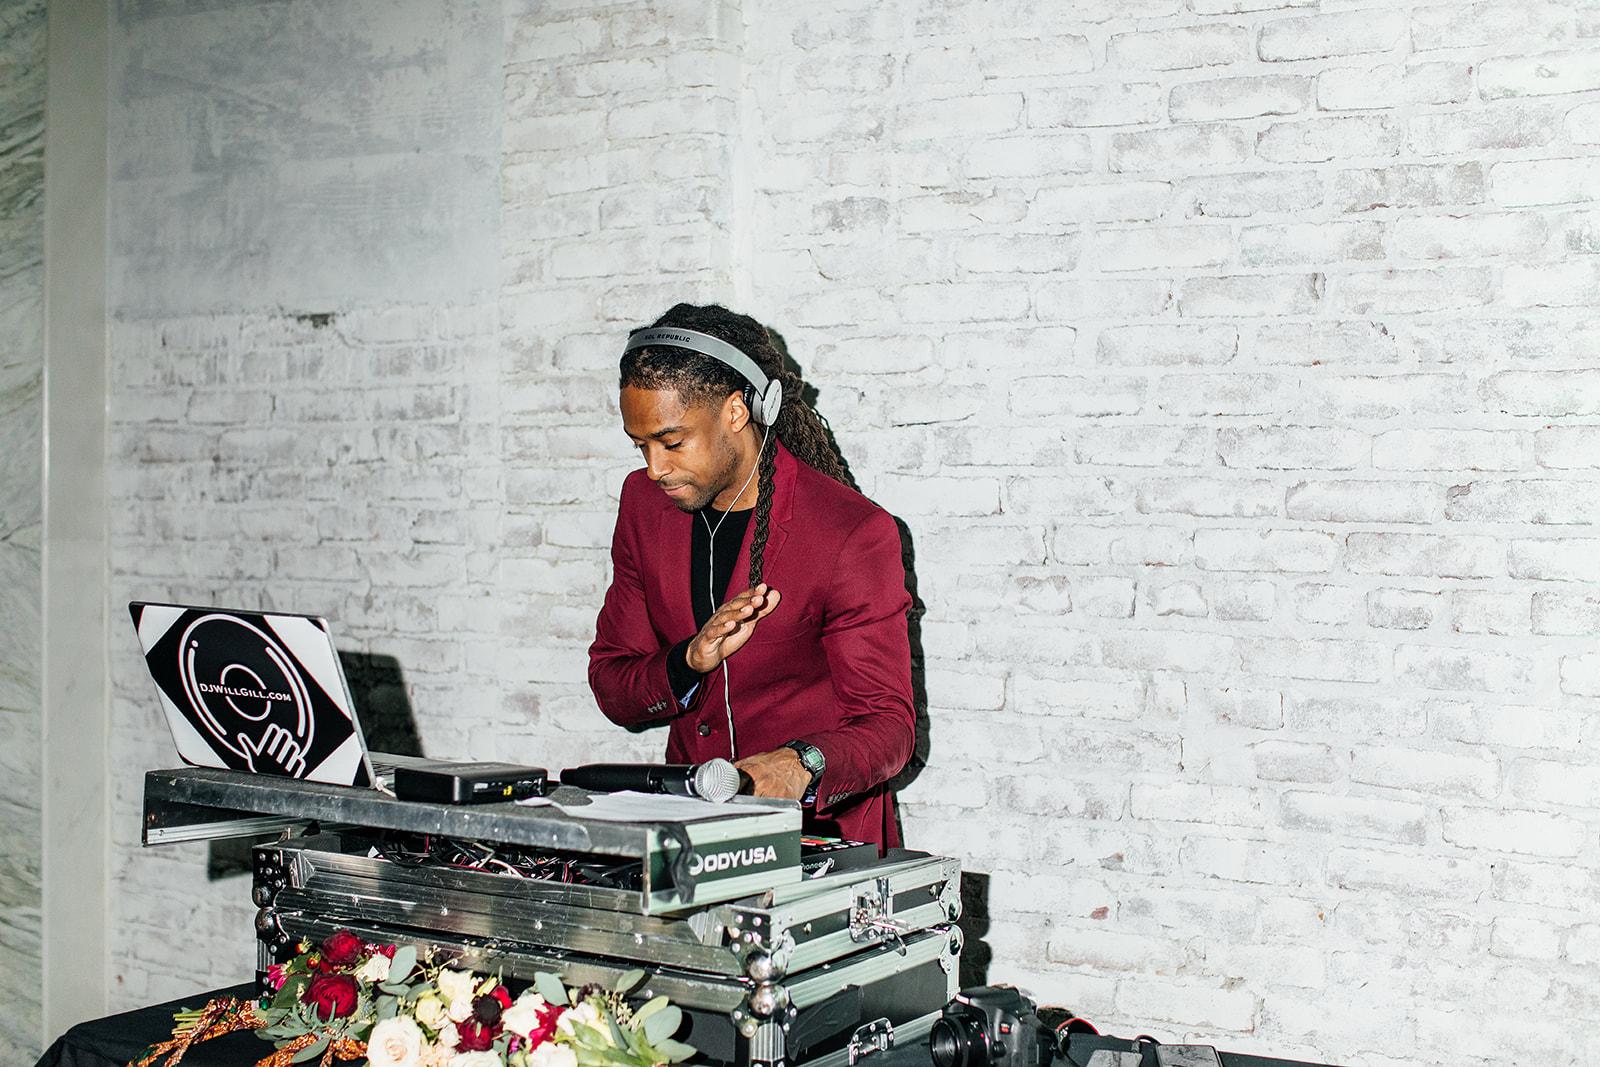 Los Angeles Wedding DJ in Maroon Attire